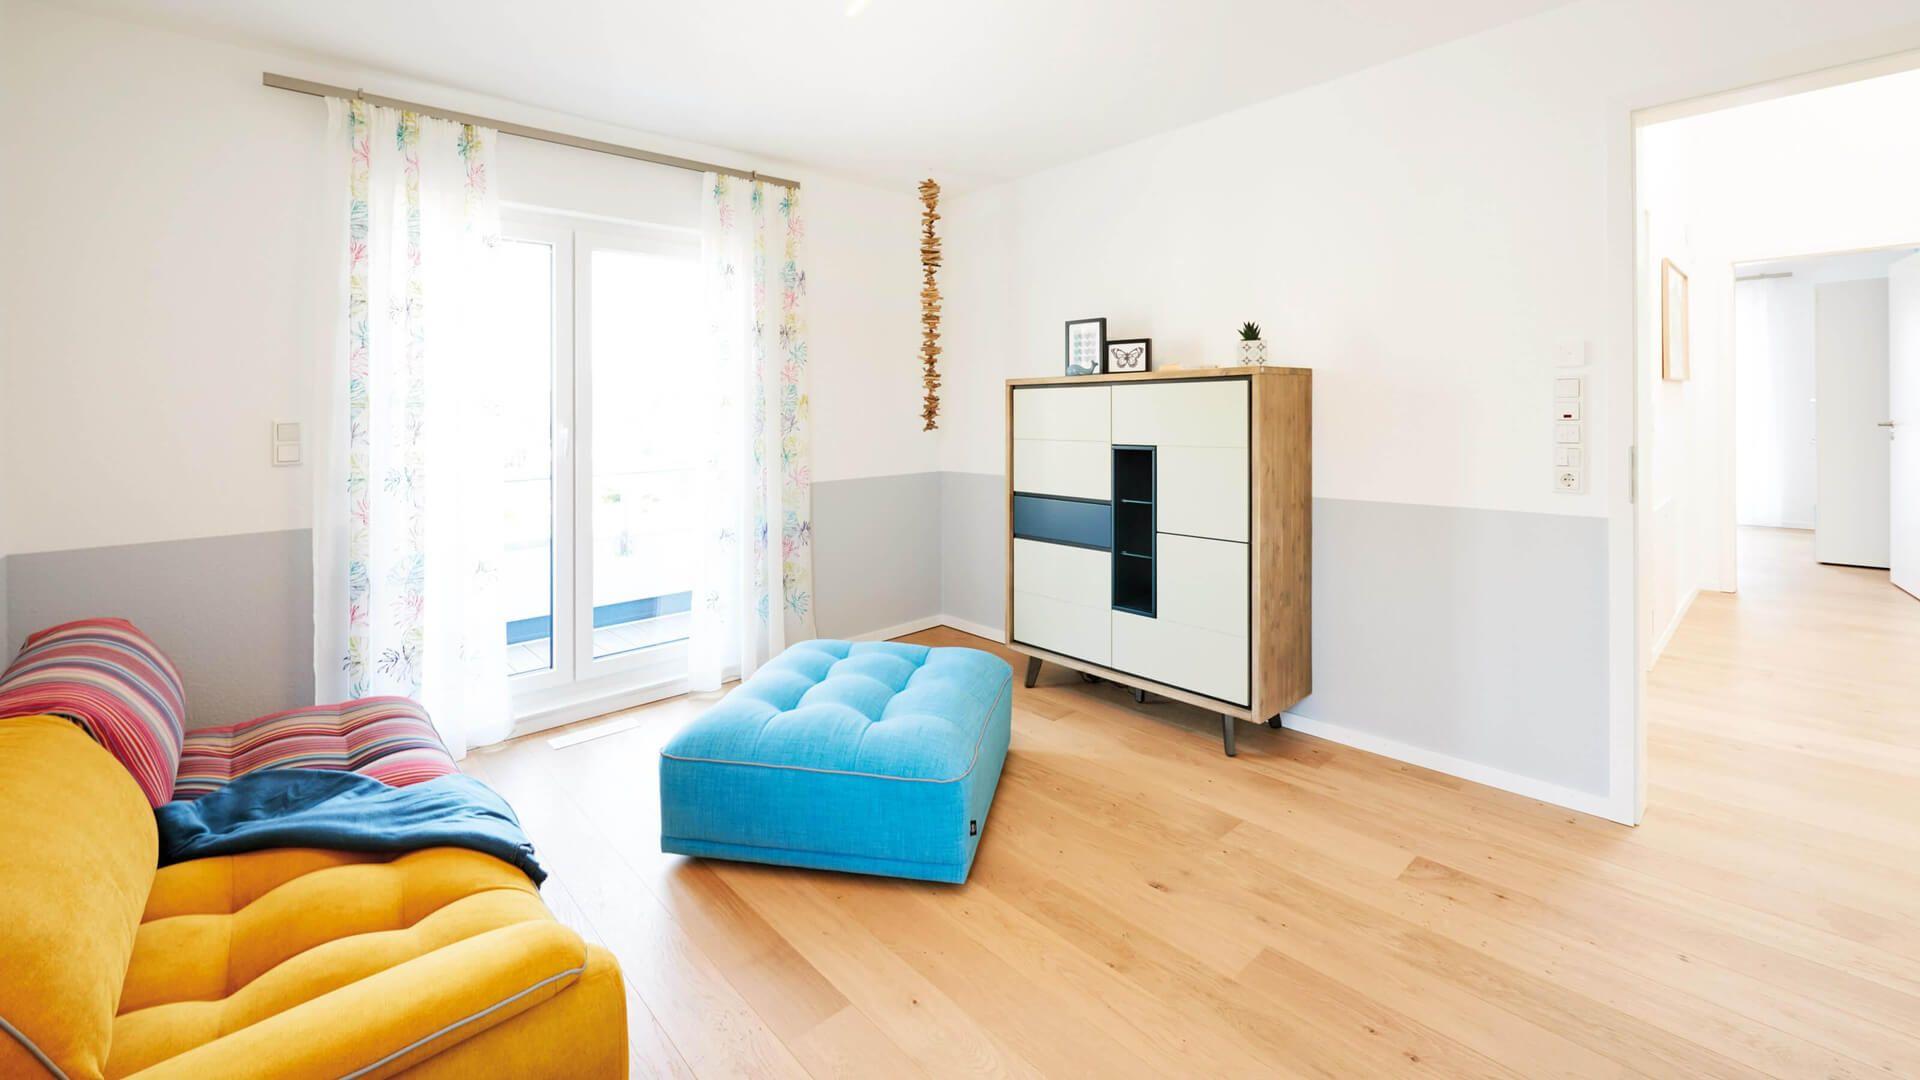 Heller Holzfußboden ~ Jugendzimmer heller holzfussboden gelb gemusterte couch